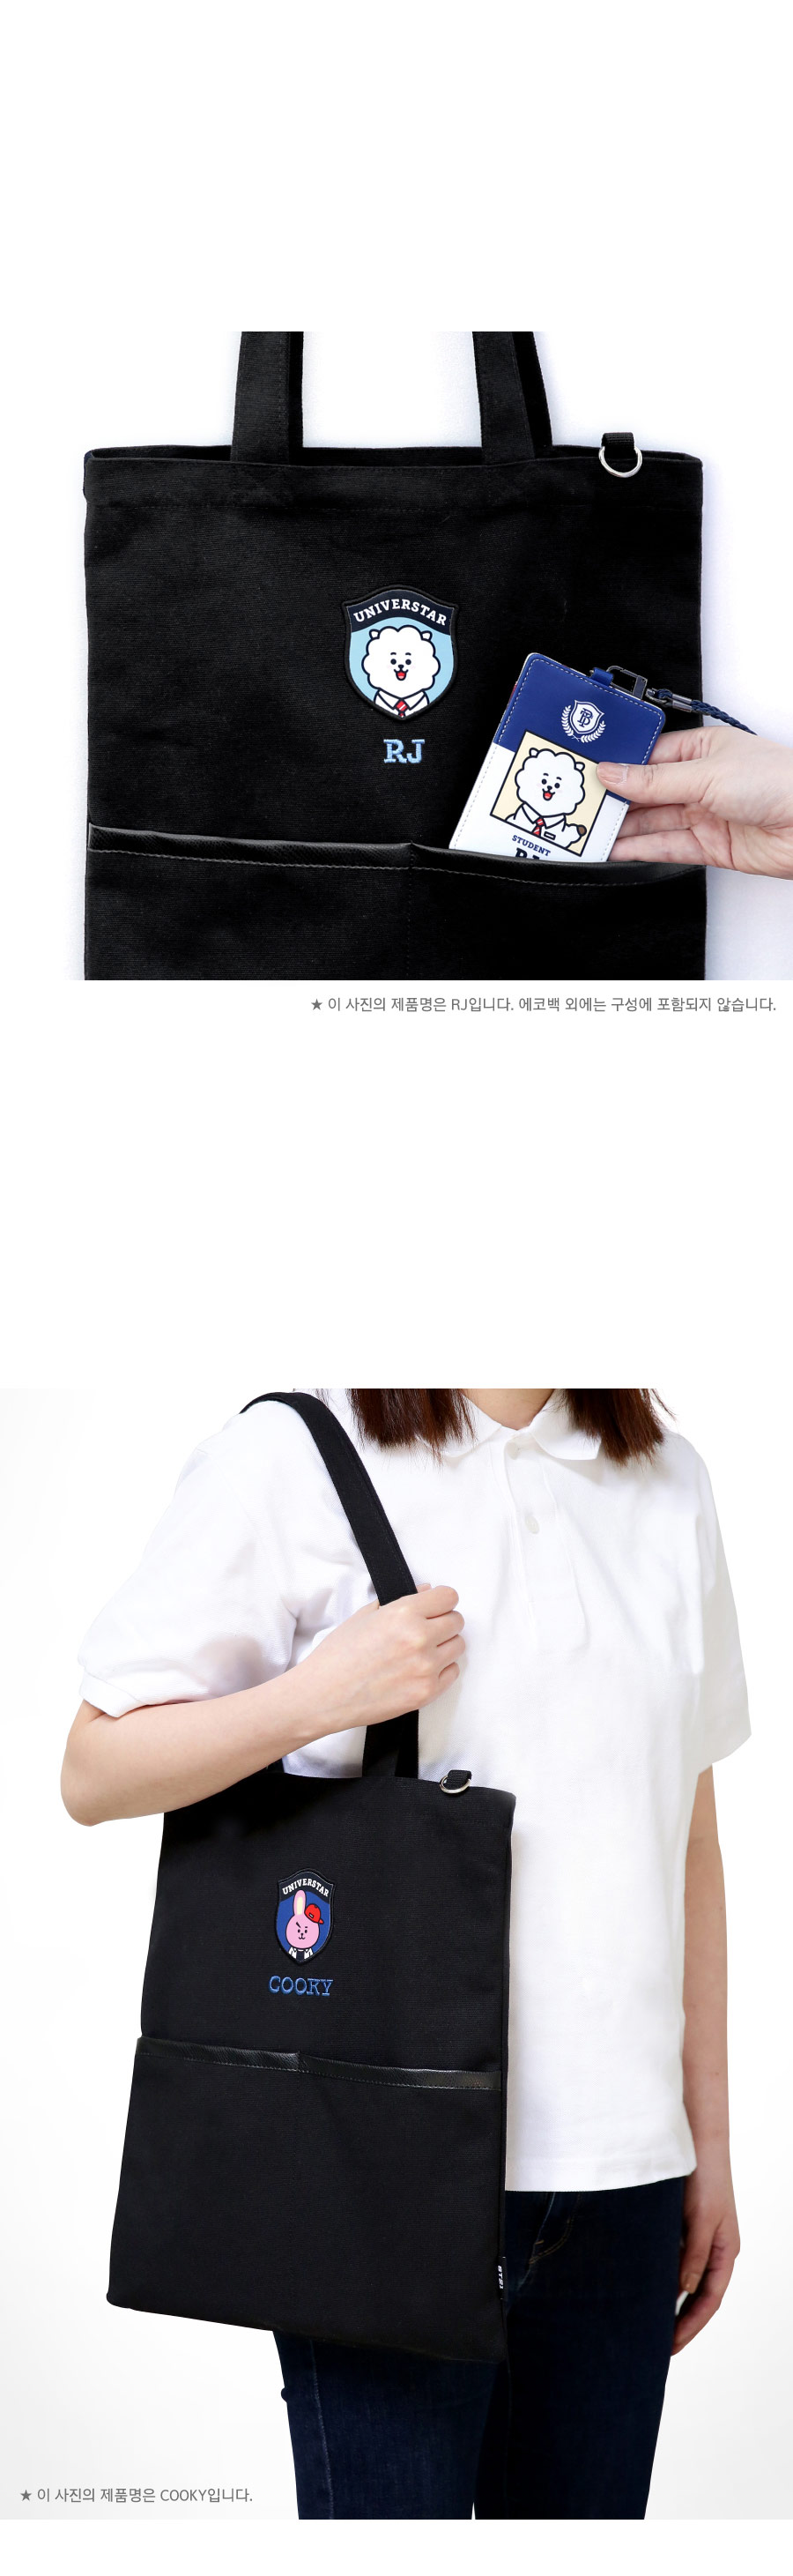 bt21_pocket_ecobag_black-4